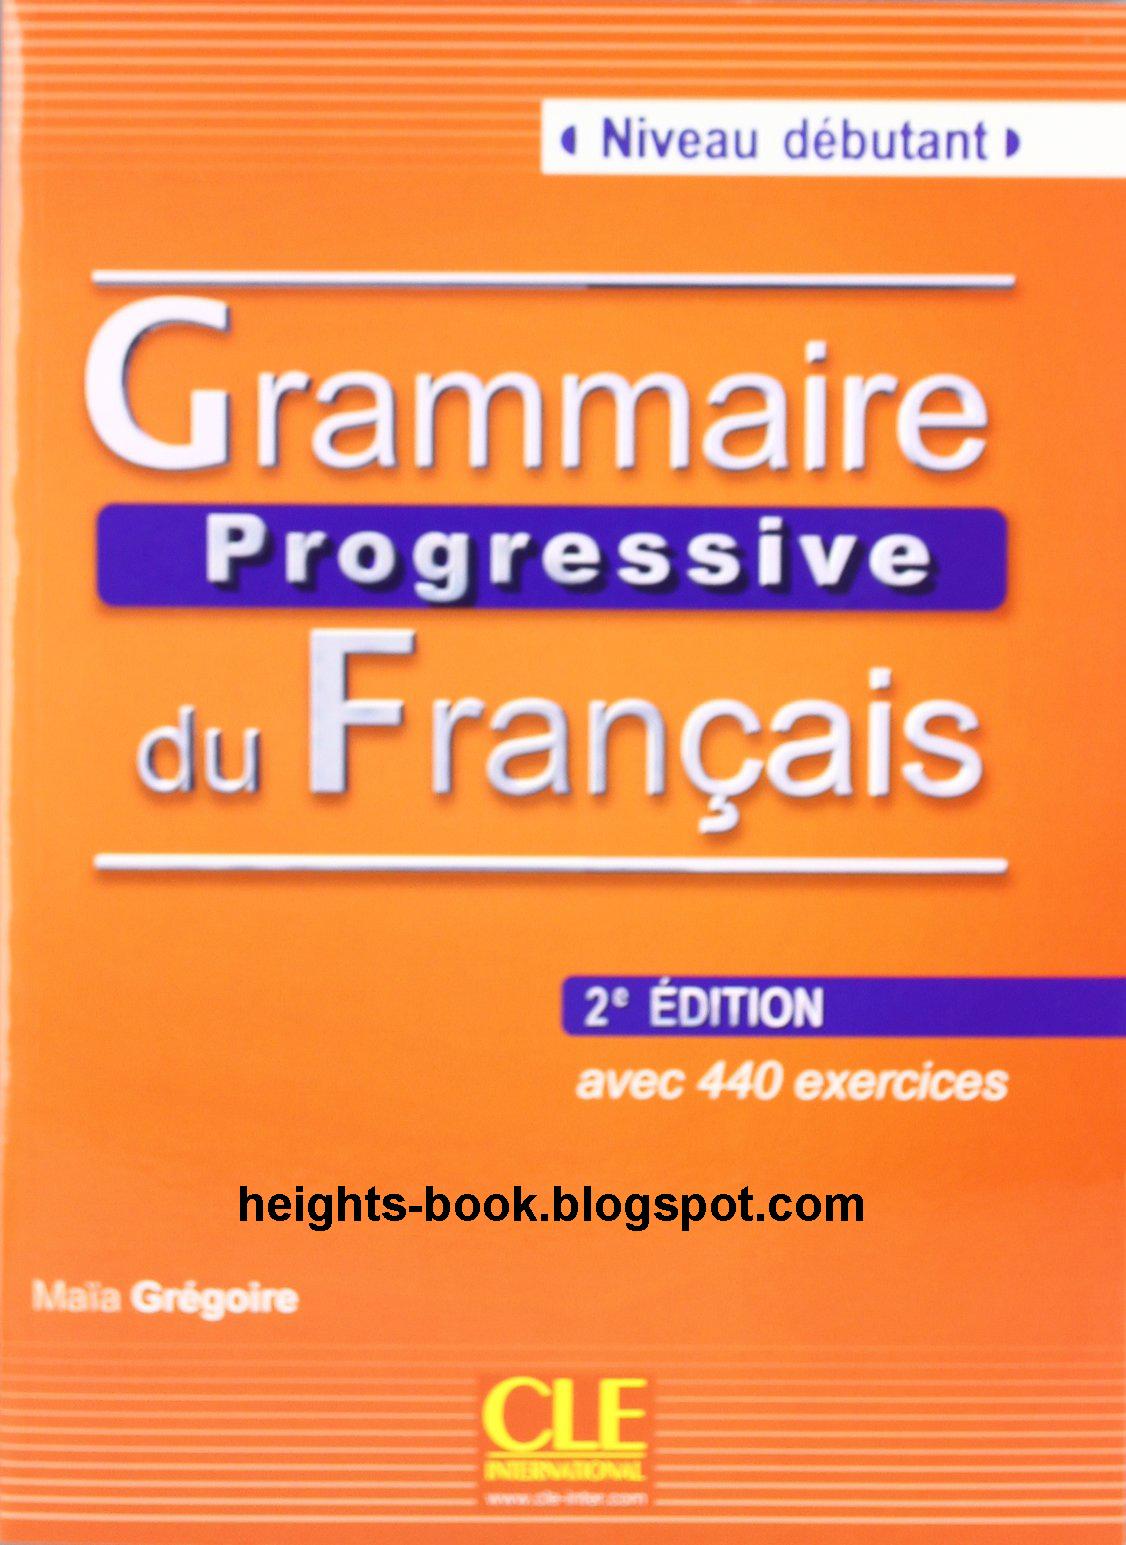 Dictionnaire multilingue gratuit à télécharger - FREELANG